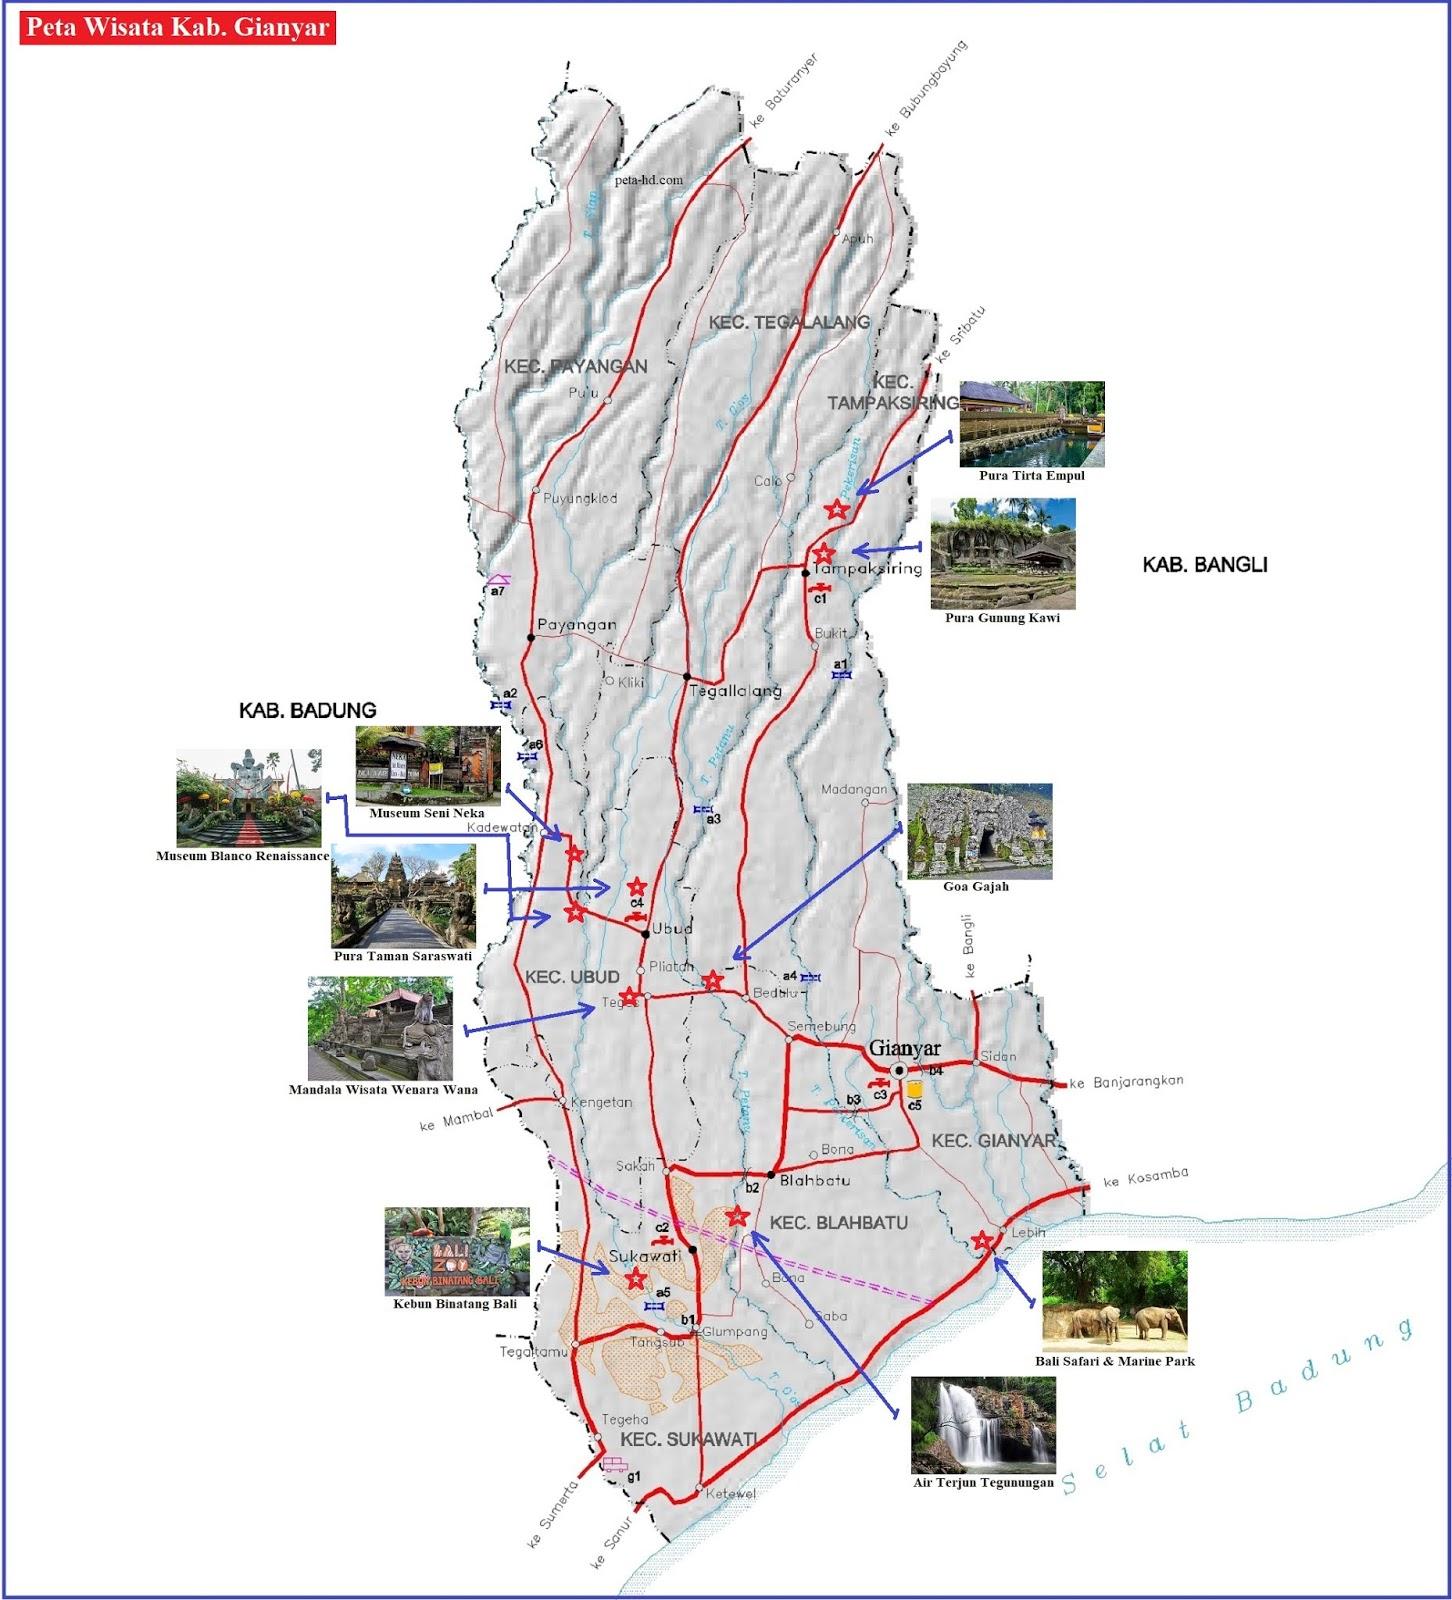 Peta Wisata Kabupaten Gianyar, Bali